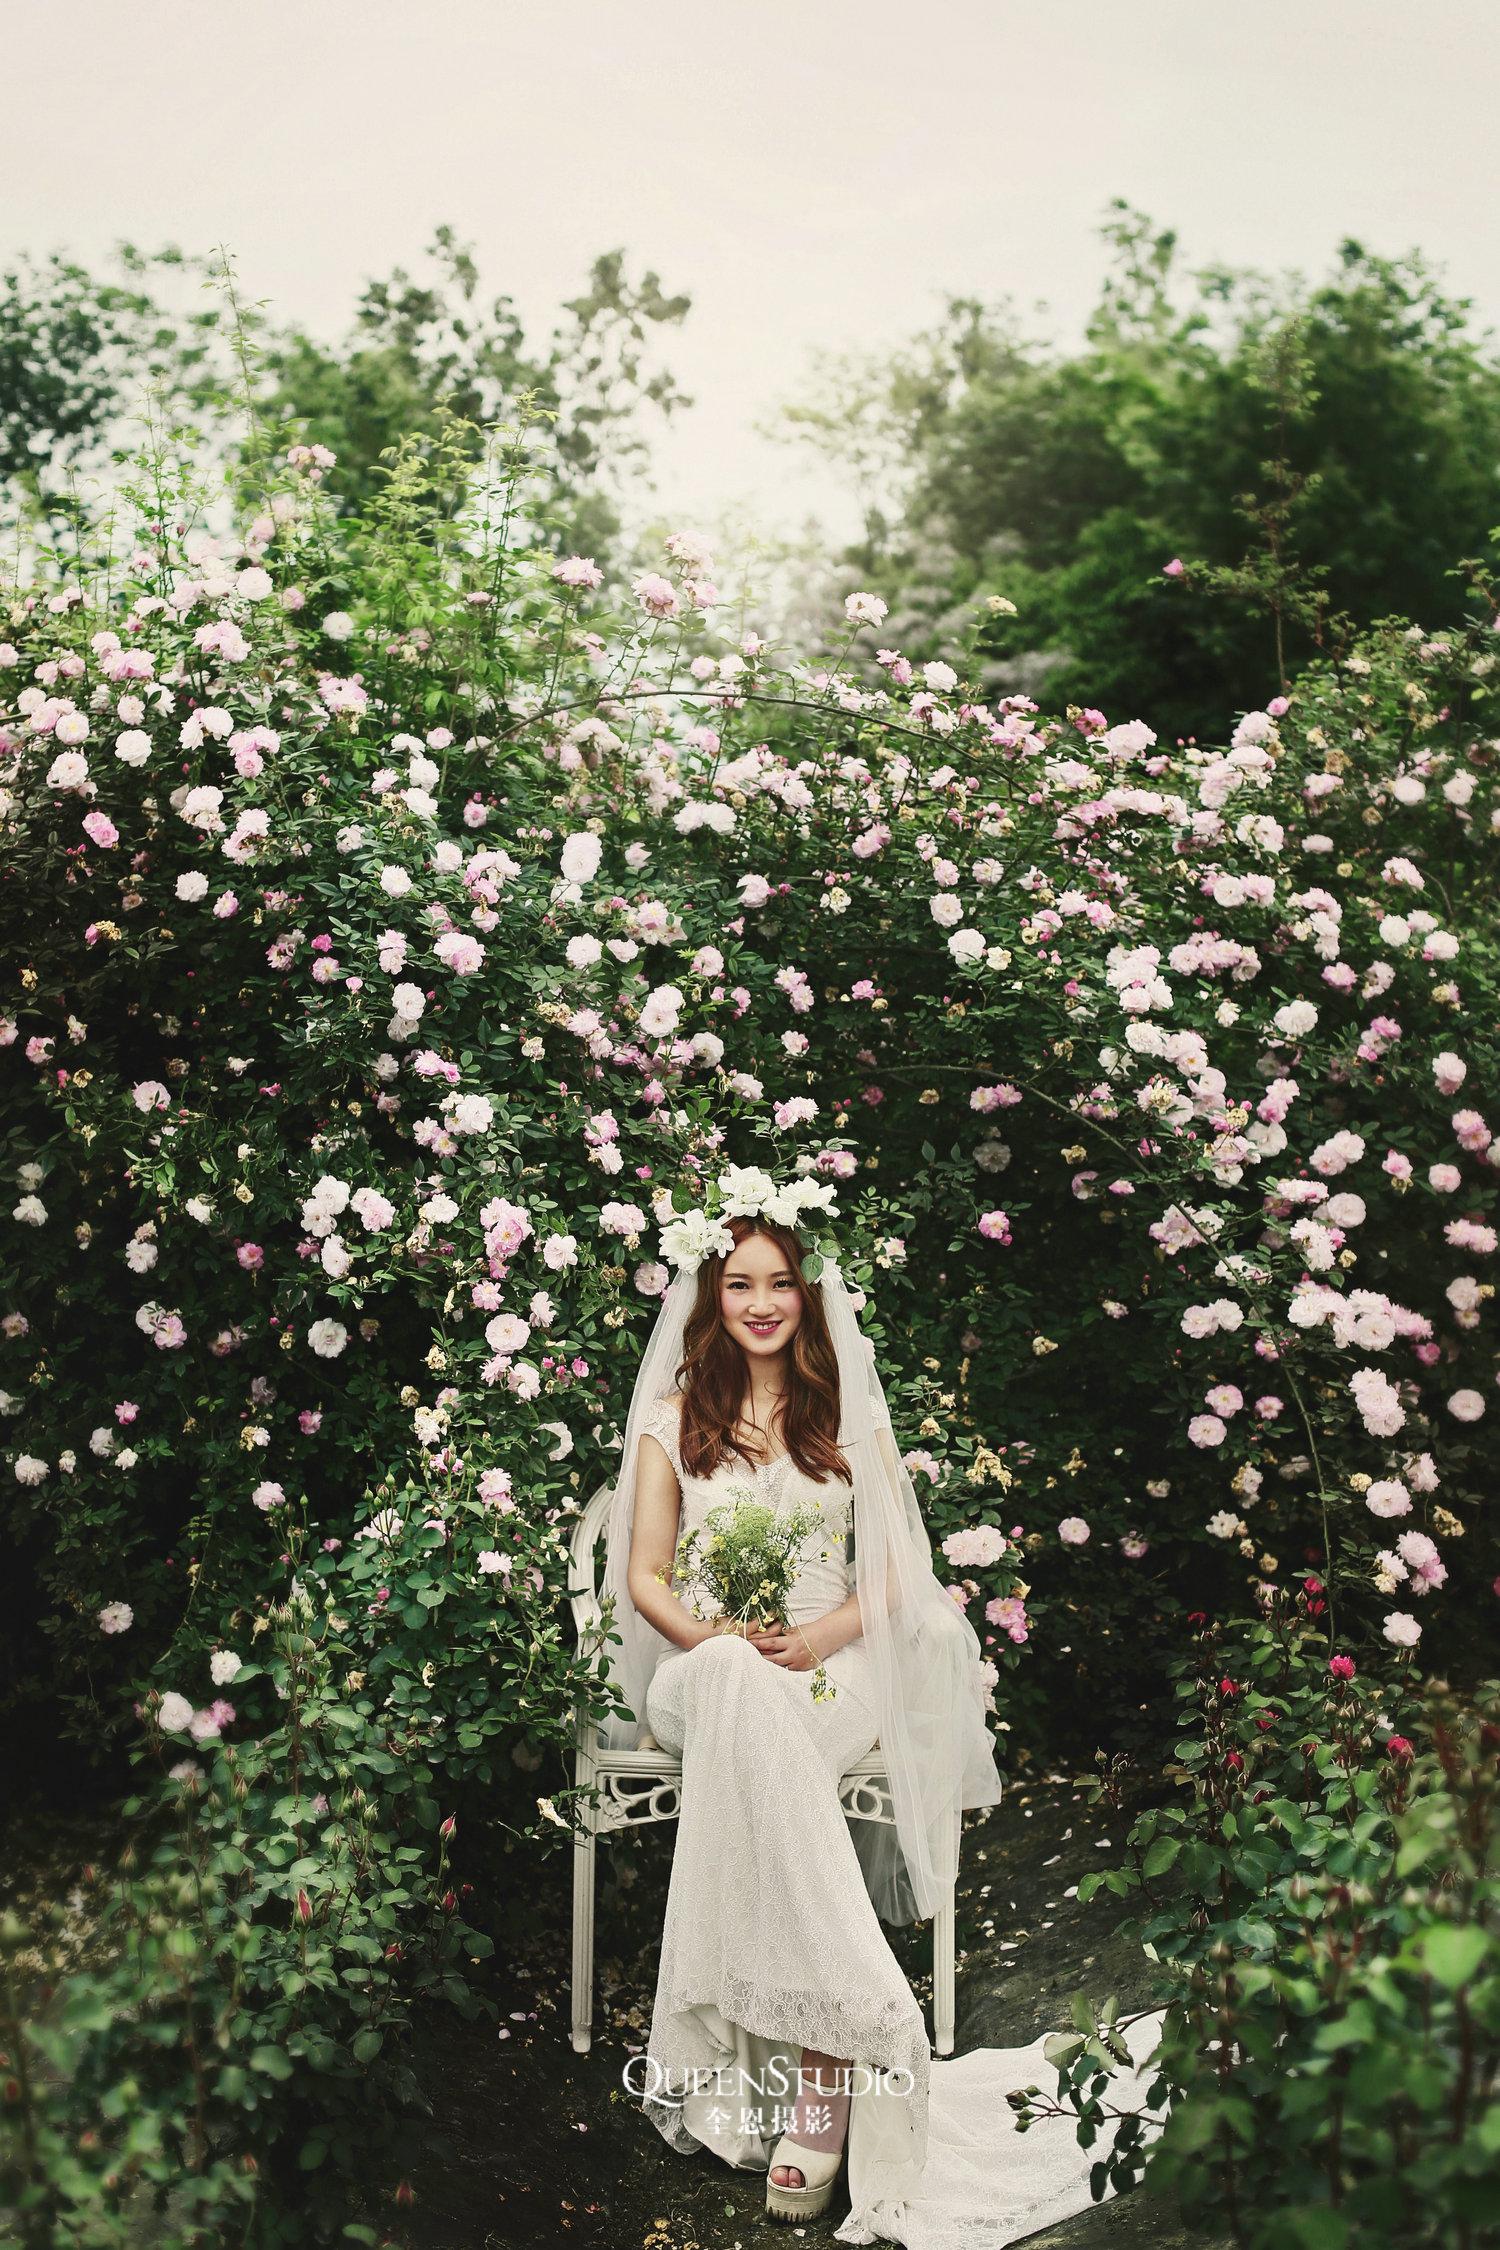 壁纸 花 婚纱 婚纱照 桌面 1500_2250 竖版 竖屏 手机